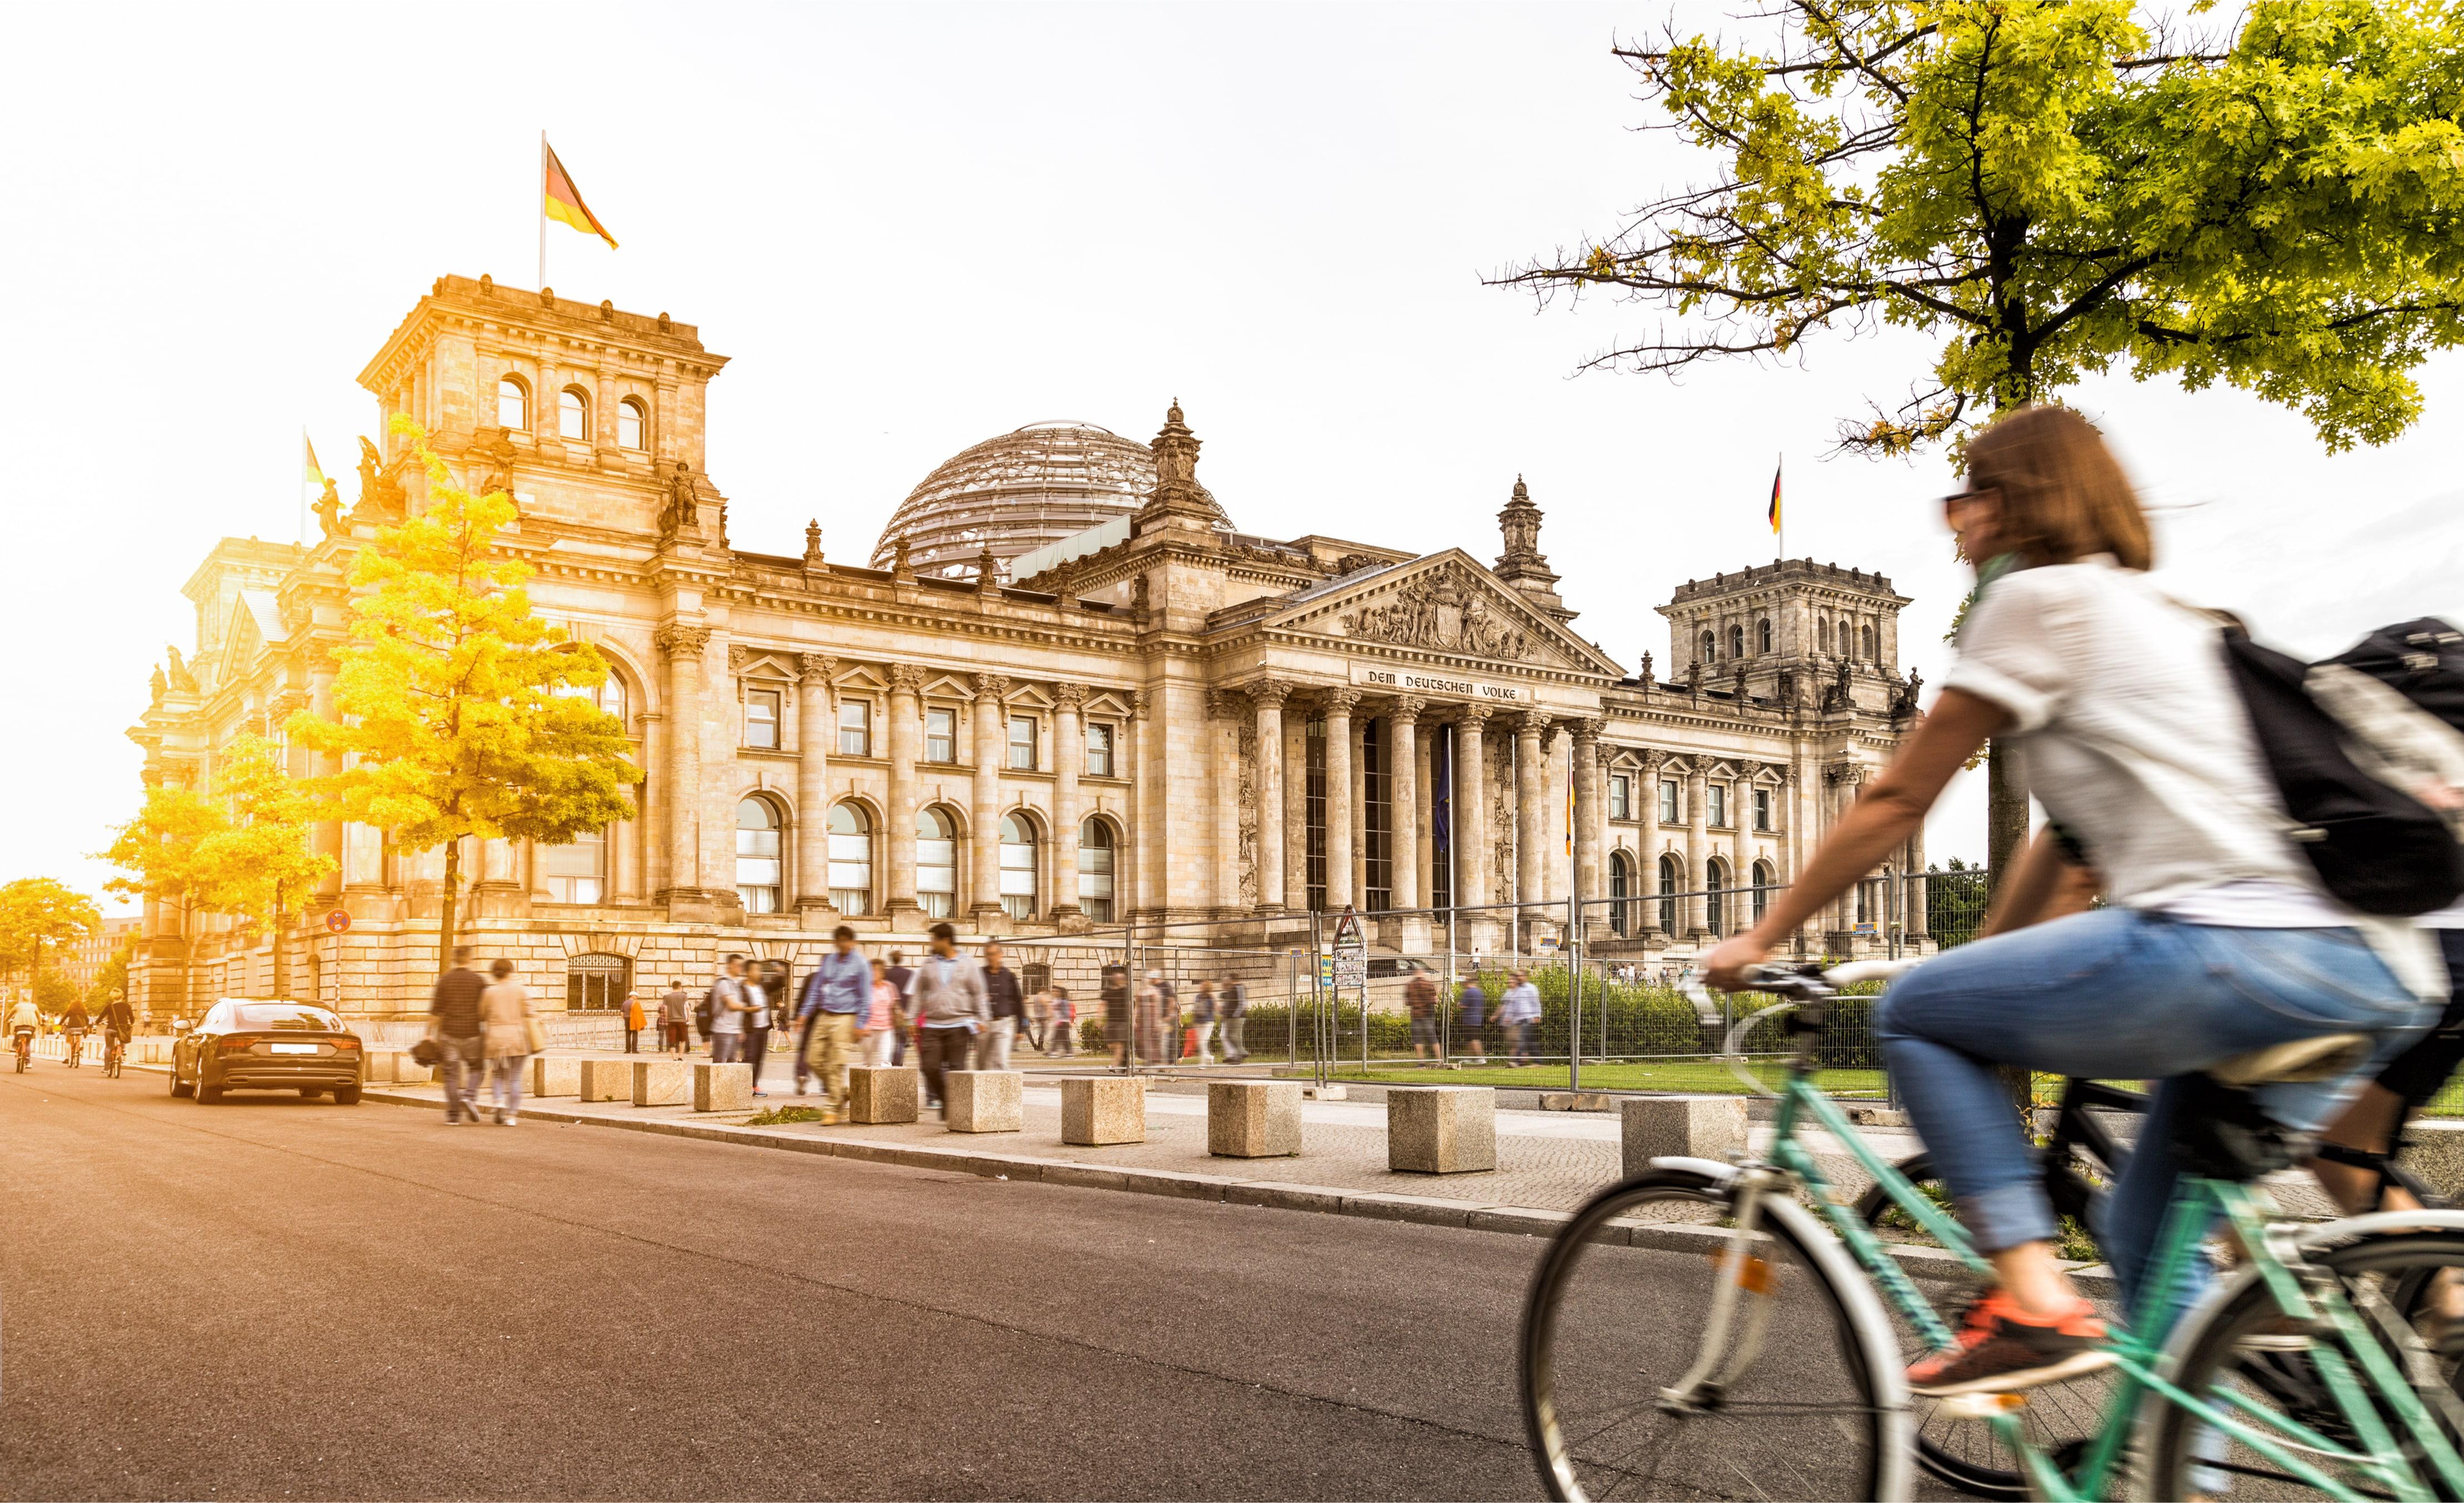 Fahrradfahrerin in Berlin, im Hintergrund ein Regierungsgebäude